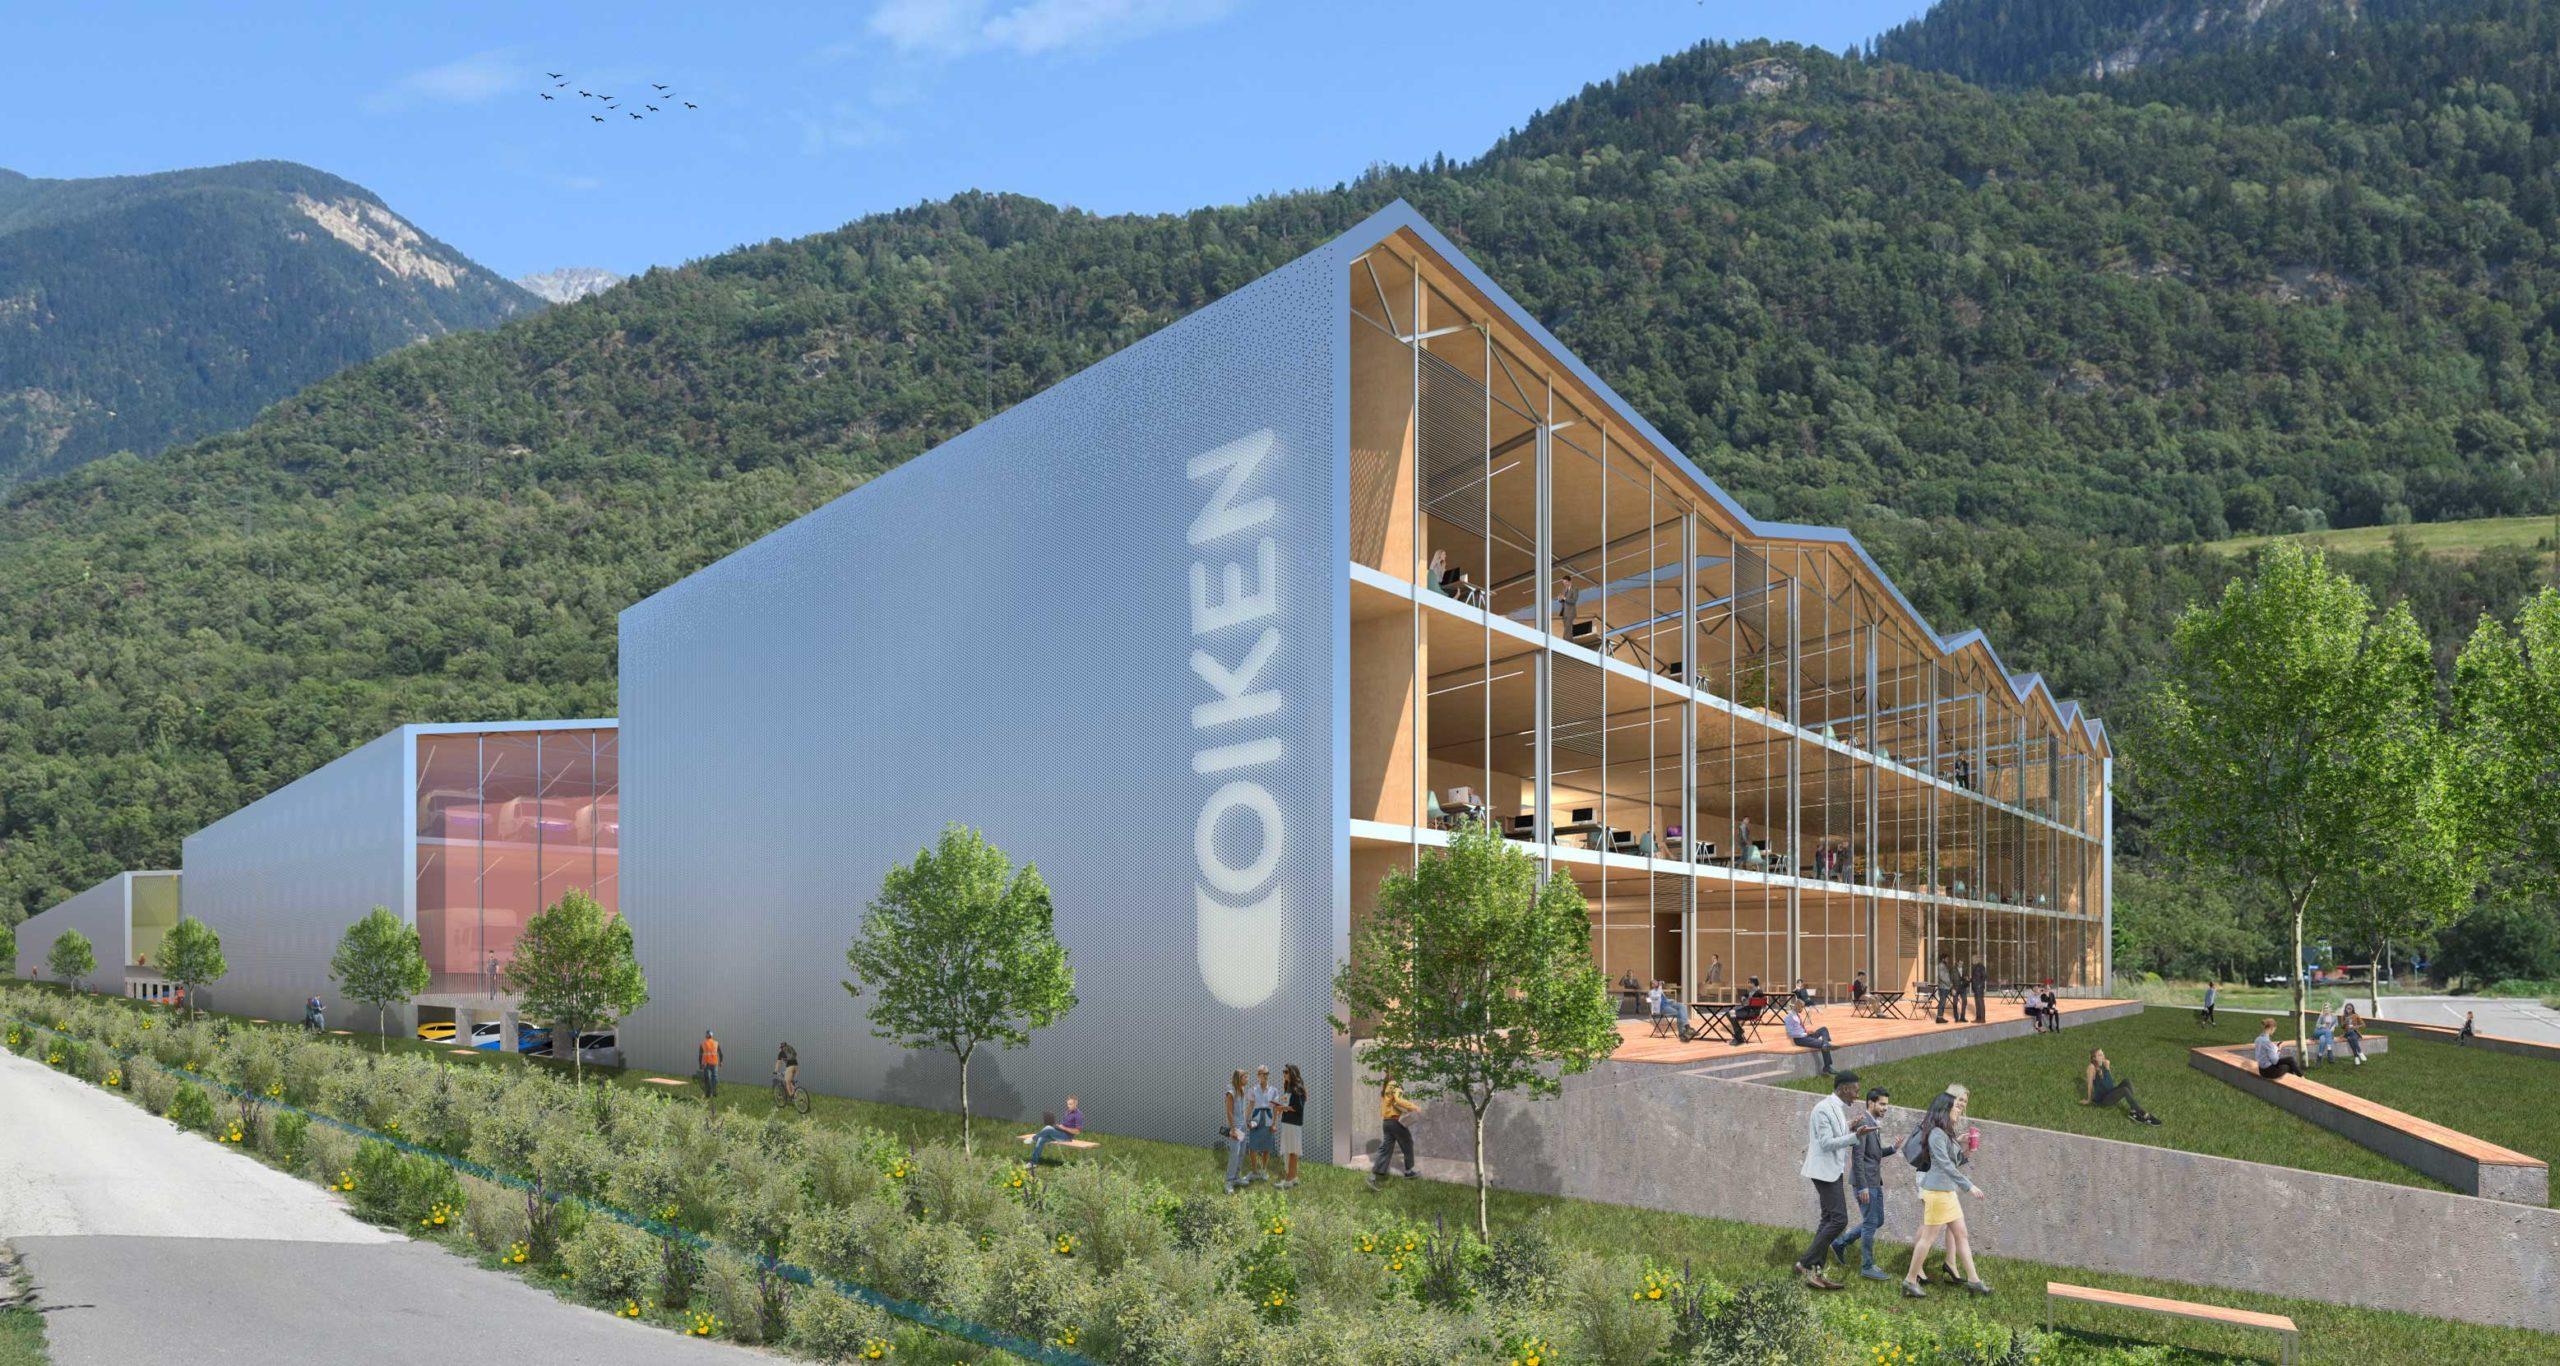 concours- d'architecture pour le nouveau centre technique et logistique - Oiken - image